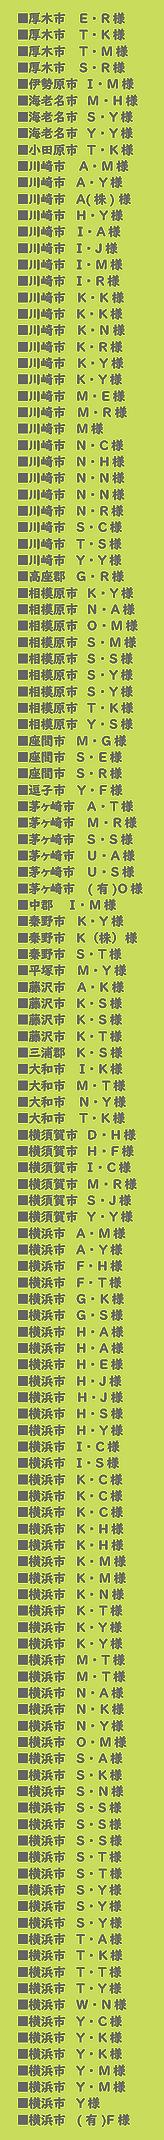 14.神奈川県.png